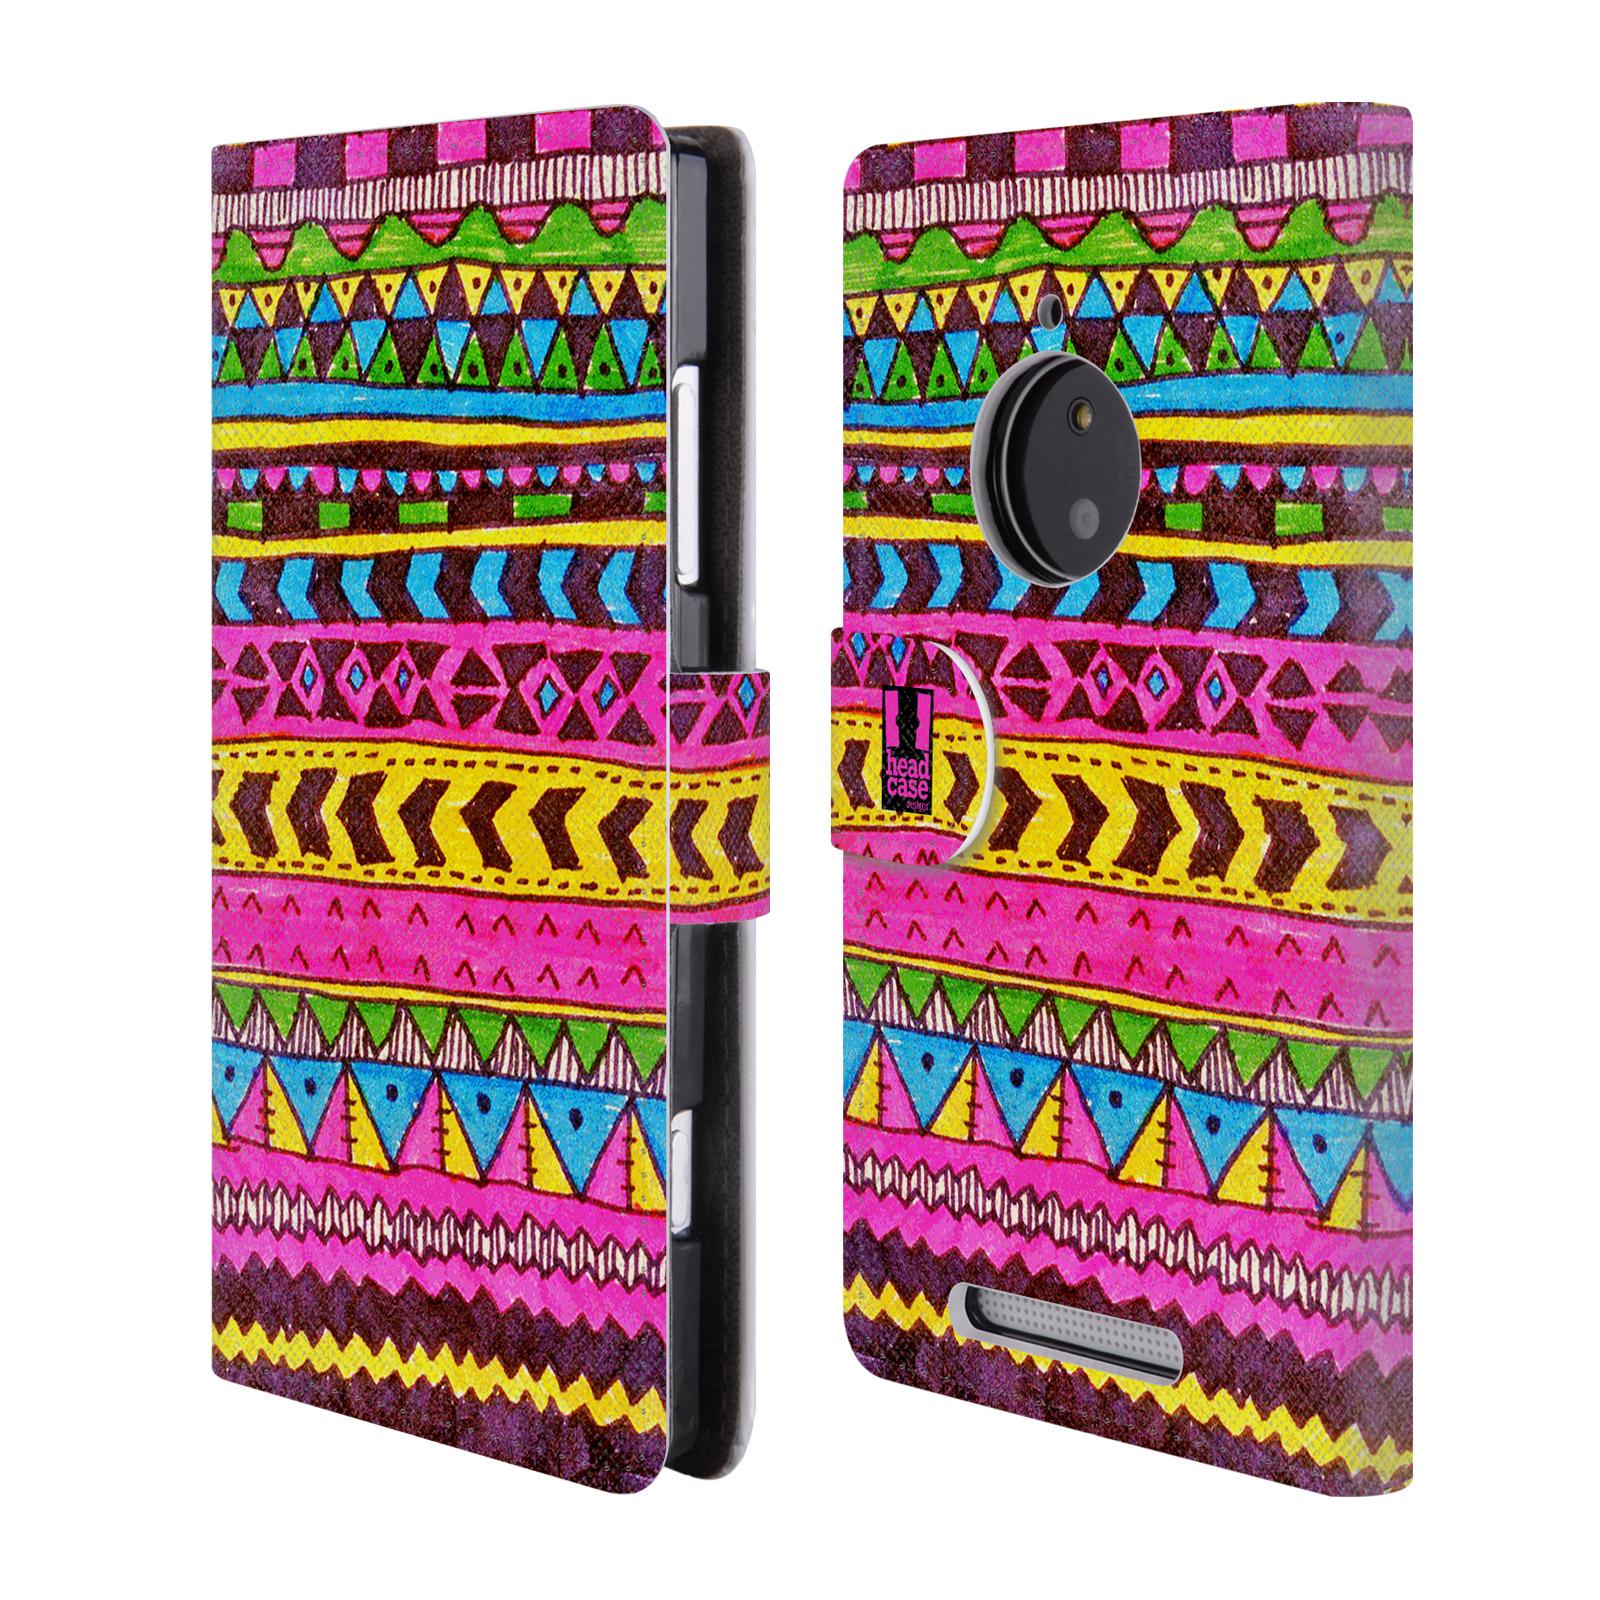 HEAD CASE Flipové pouzdro pro mobil NOKIA LUMIA 830 Barevná aztécká čmáranice růžová